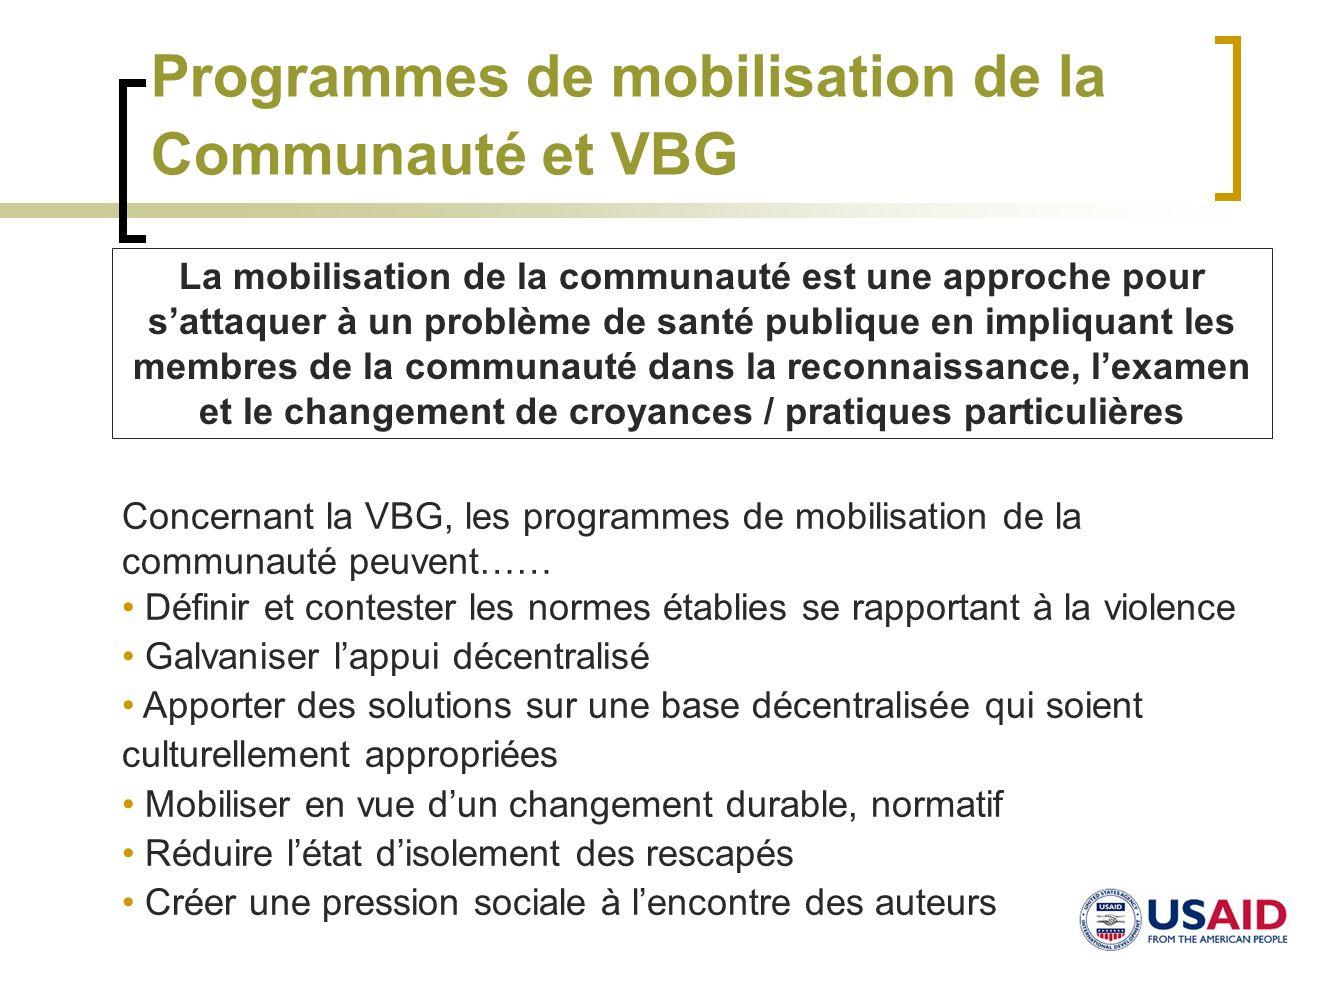 Programmes de mobilisation de la Communauté et VBG